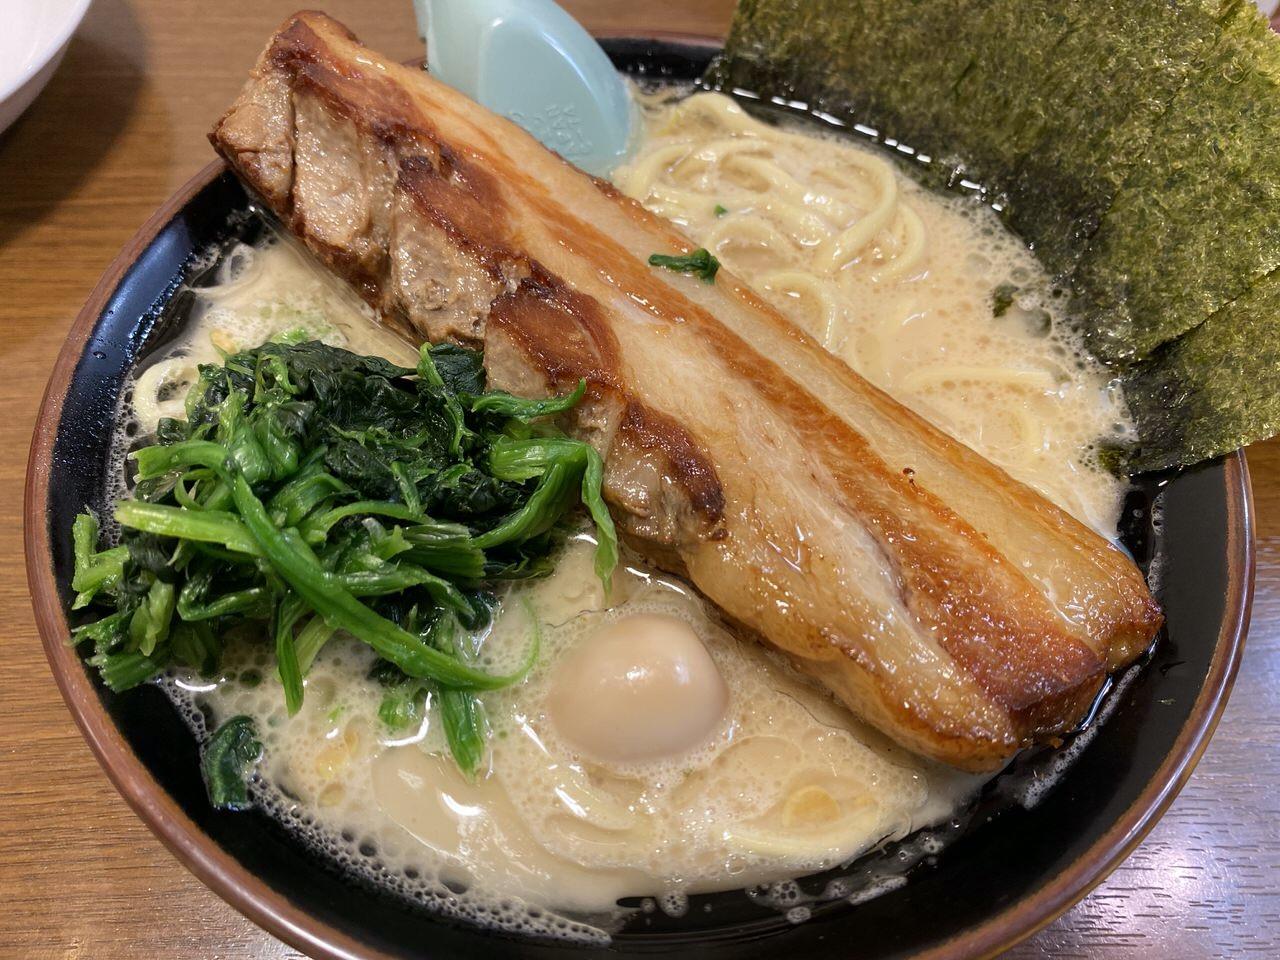 「横浜家系ラーメンとりとん(浦和)」厚さ3cm棍棒のような肉塊チャーシューは1日15食限定のメガトンラーメン!